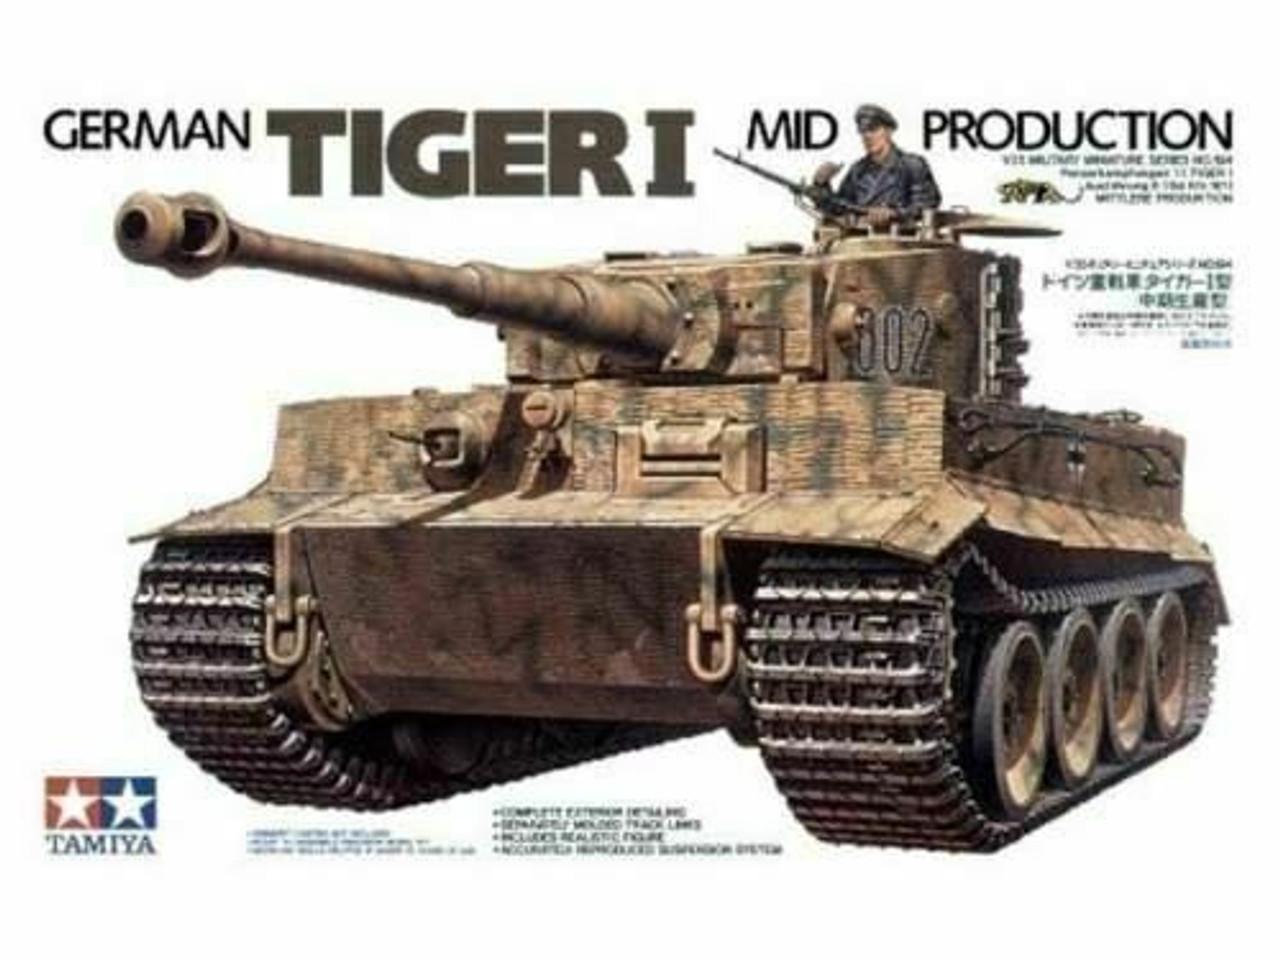 Tamiya German Tiger 1 model military kit